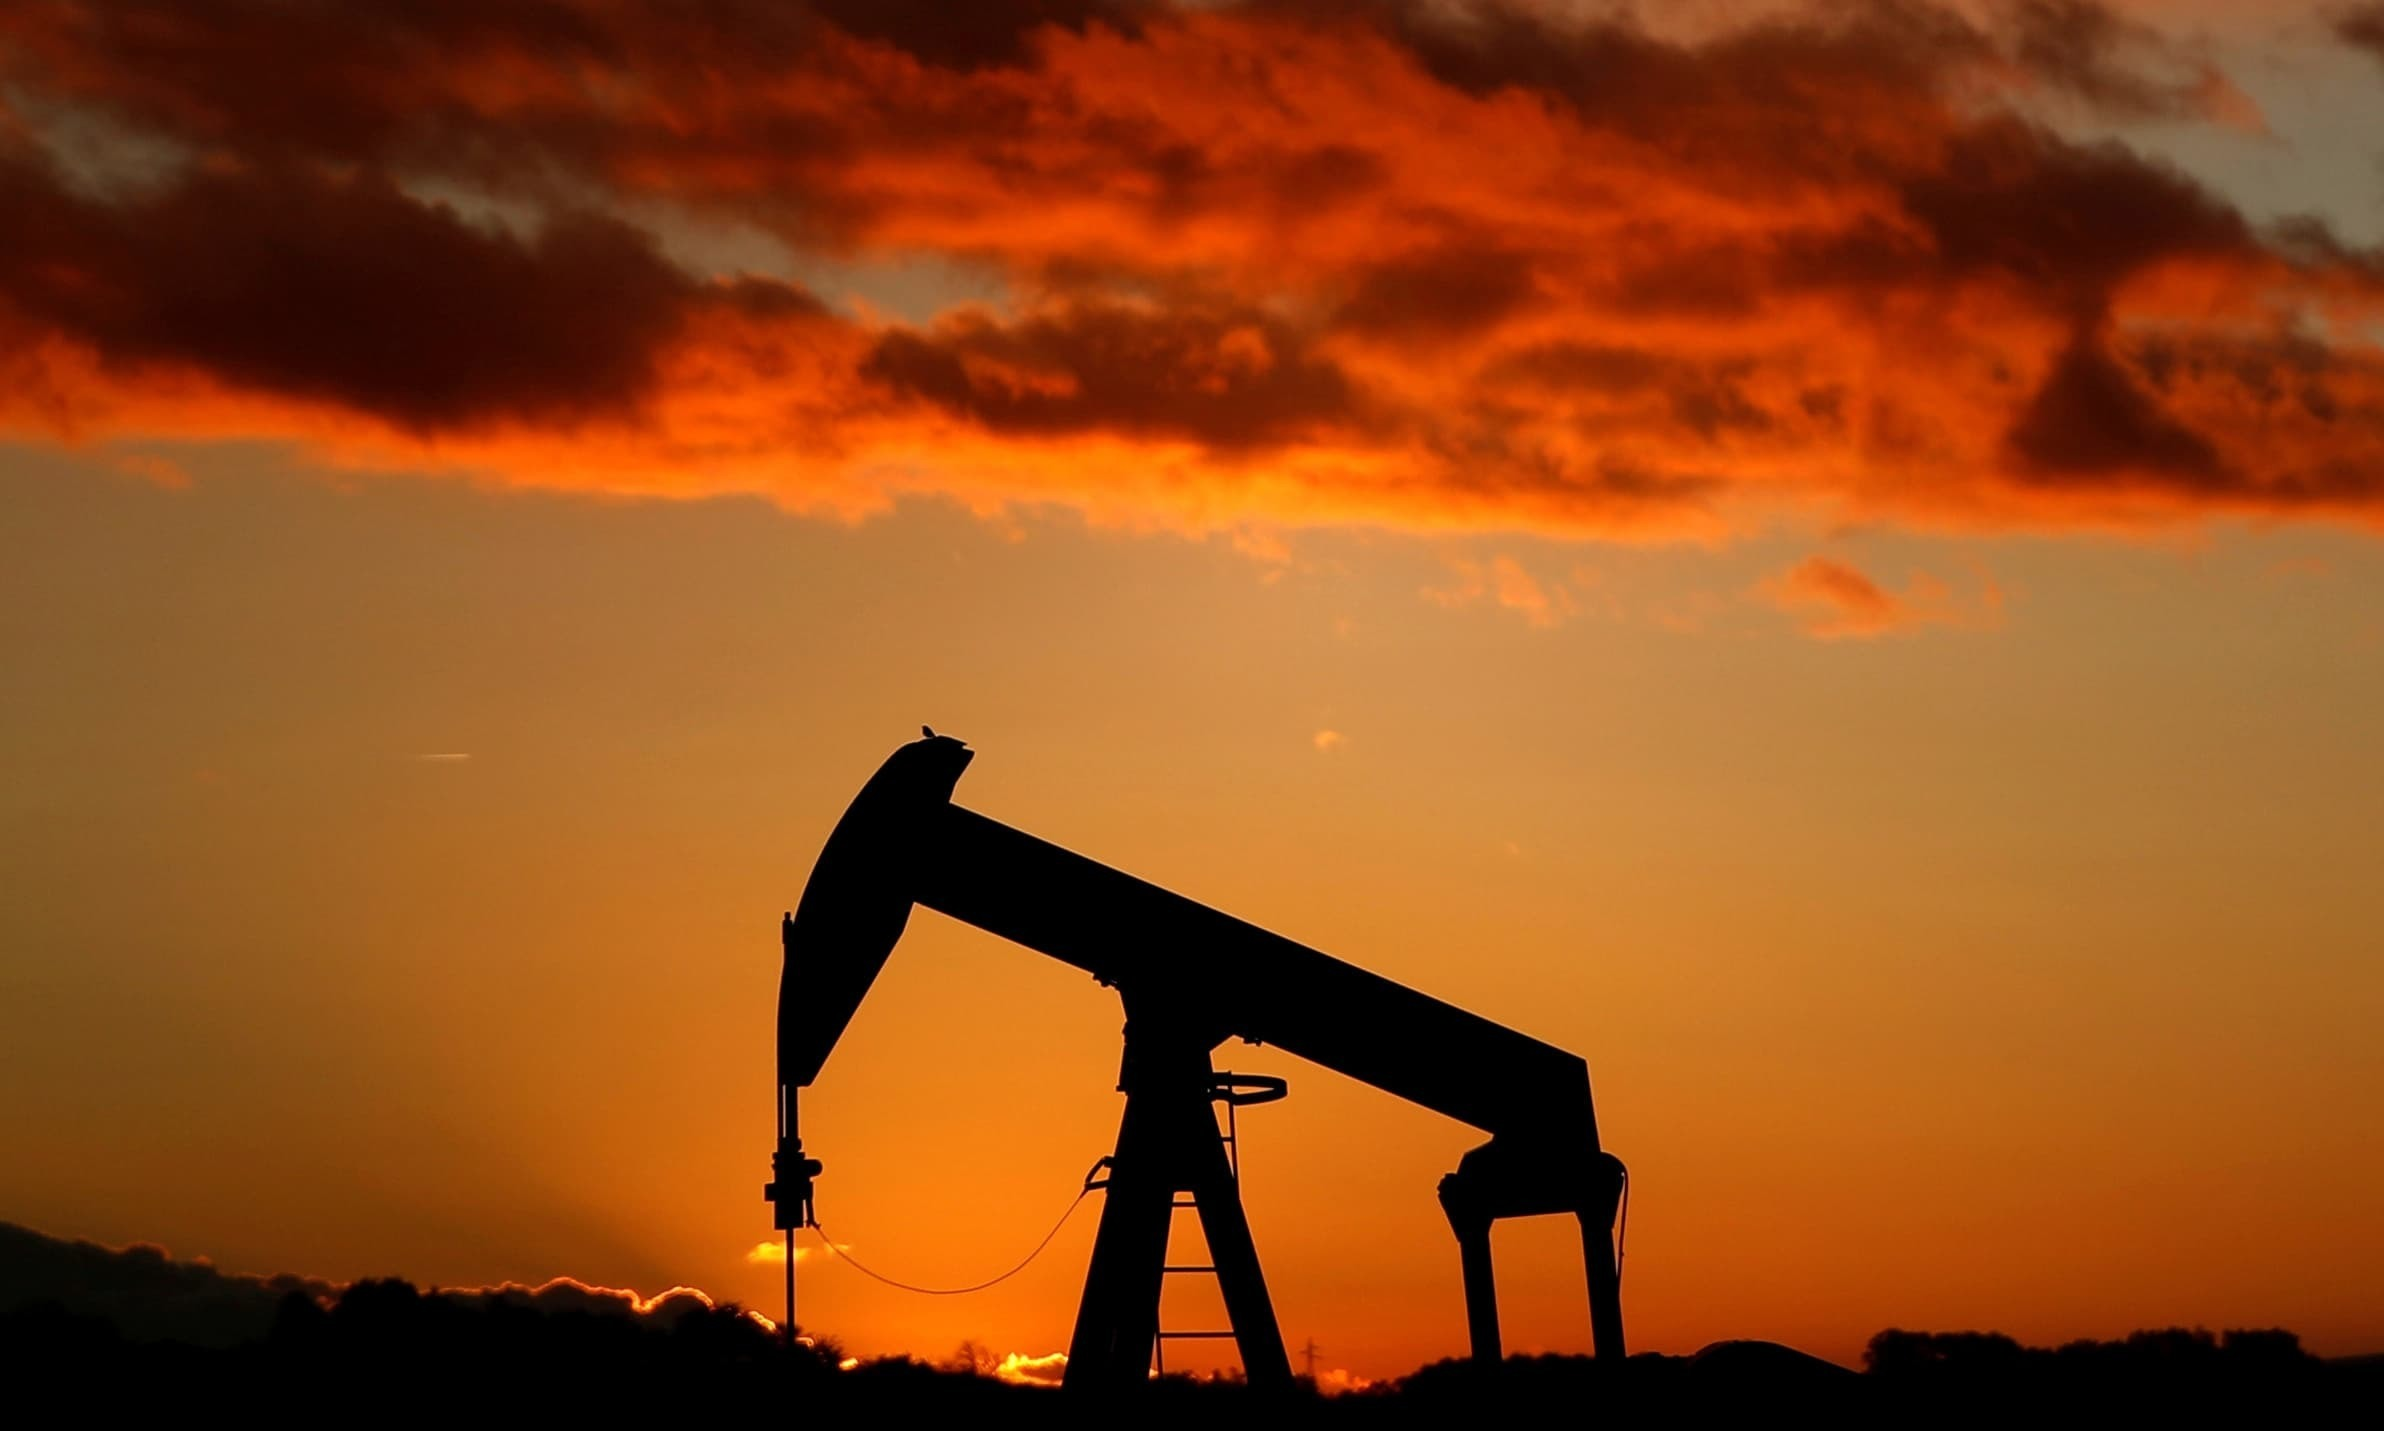 امریکی خام تیل کی قیمت تاریخ میں پہلی بار منفی ہوگئی